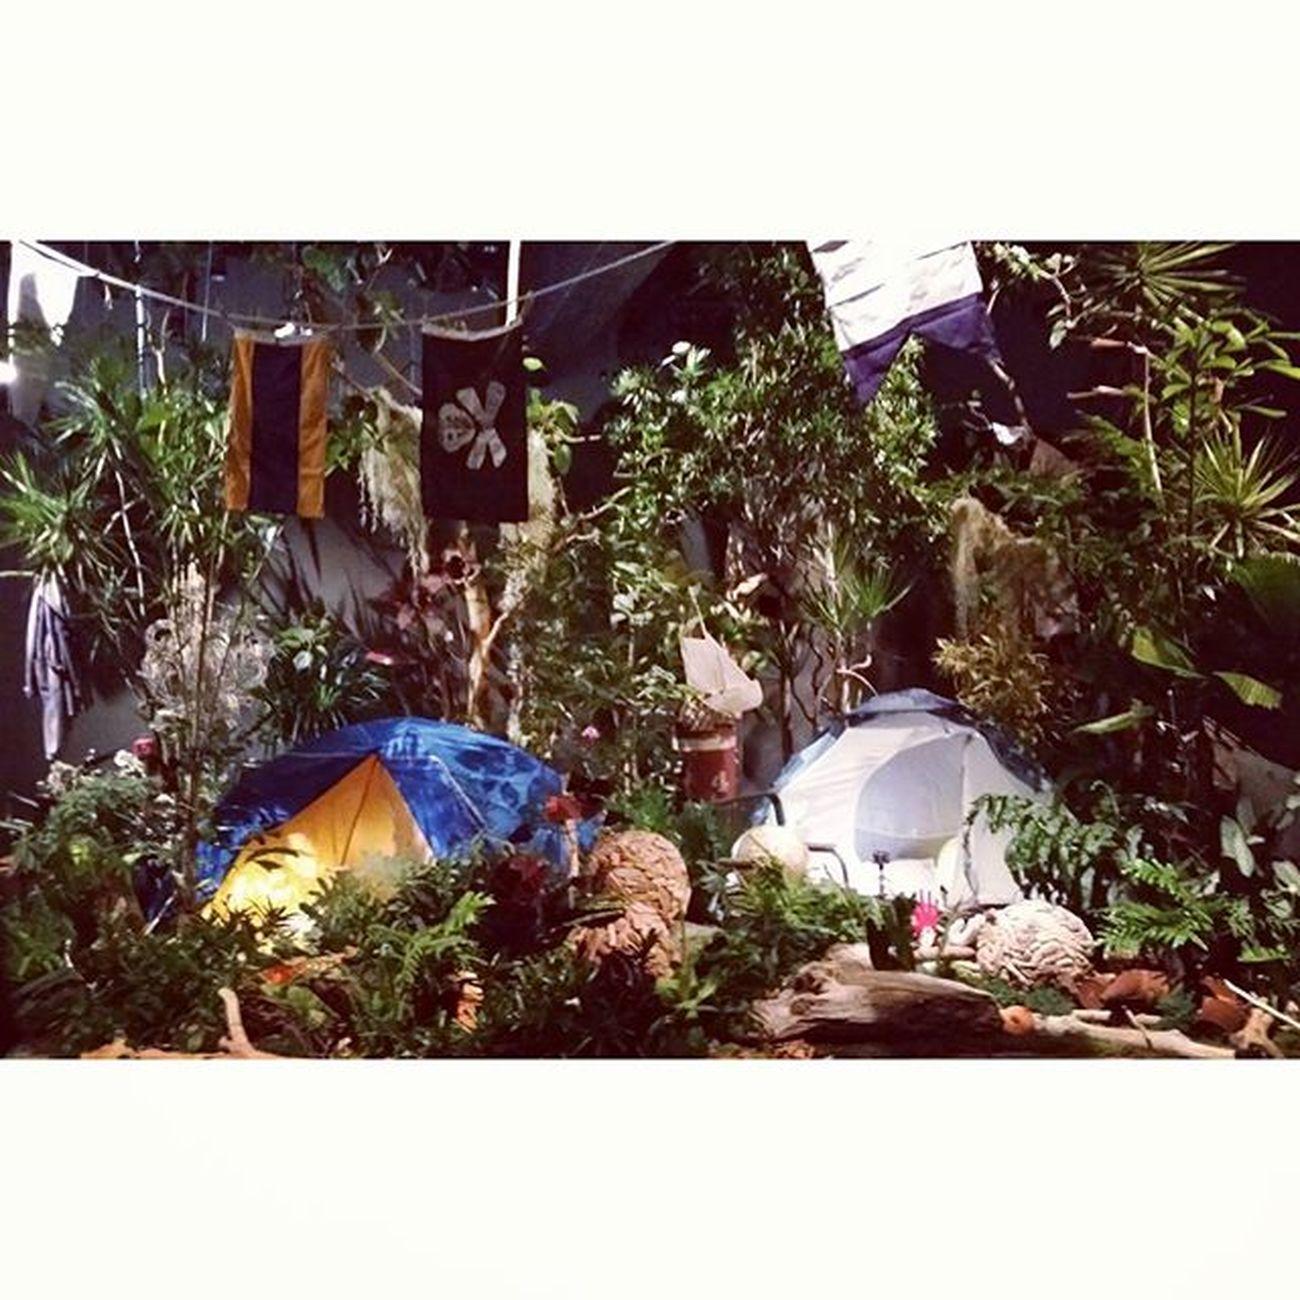 satieさんのでっかい個展atラフォーレミュージアム原宿❣ 植物のお買い物も出来るよ(⌒_⌒) 11/19−11/23おいでませ〜♡ グリーンフィンガーズ Satie 川本諭